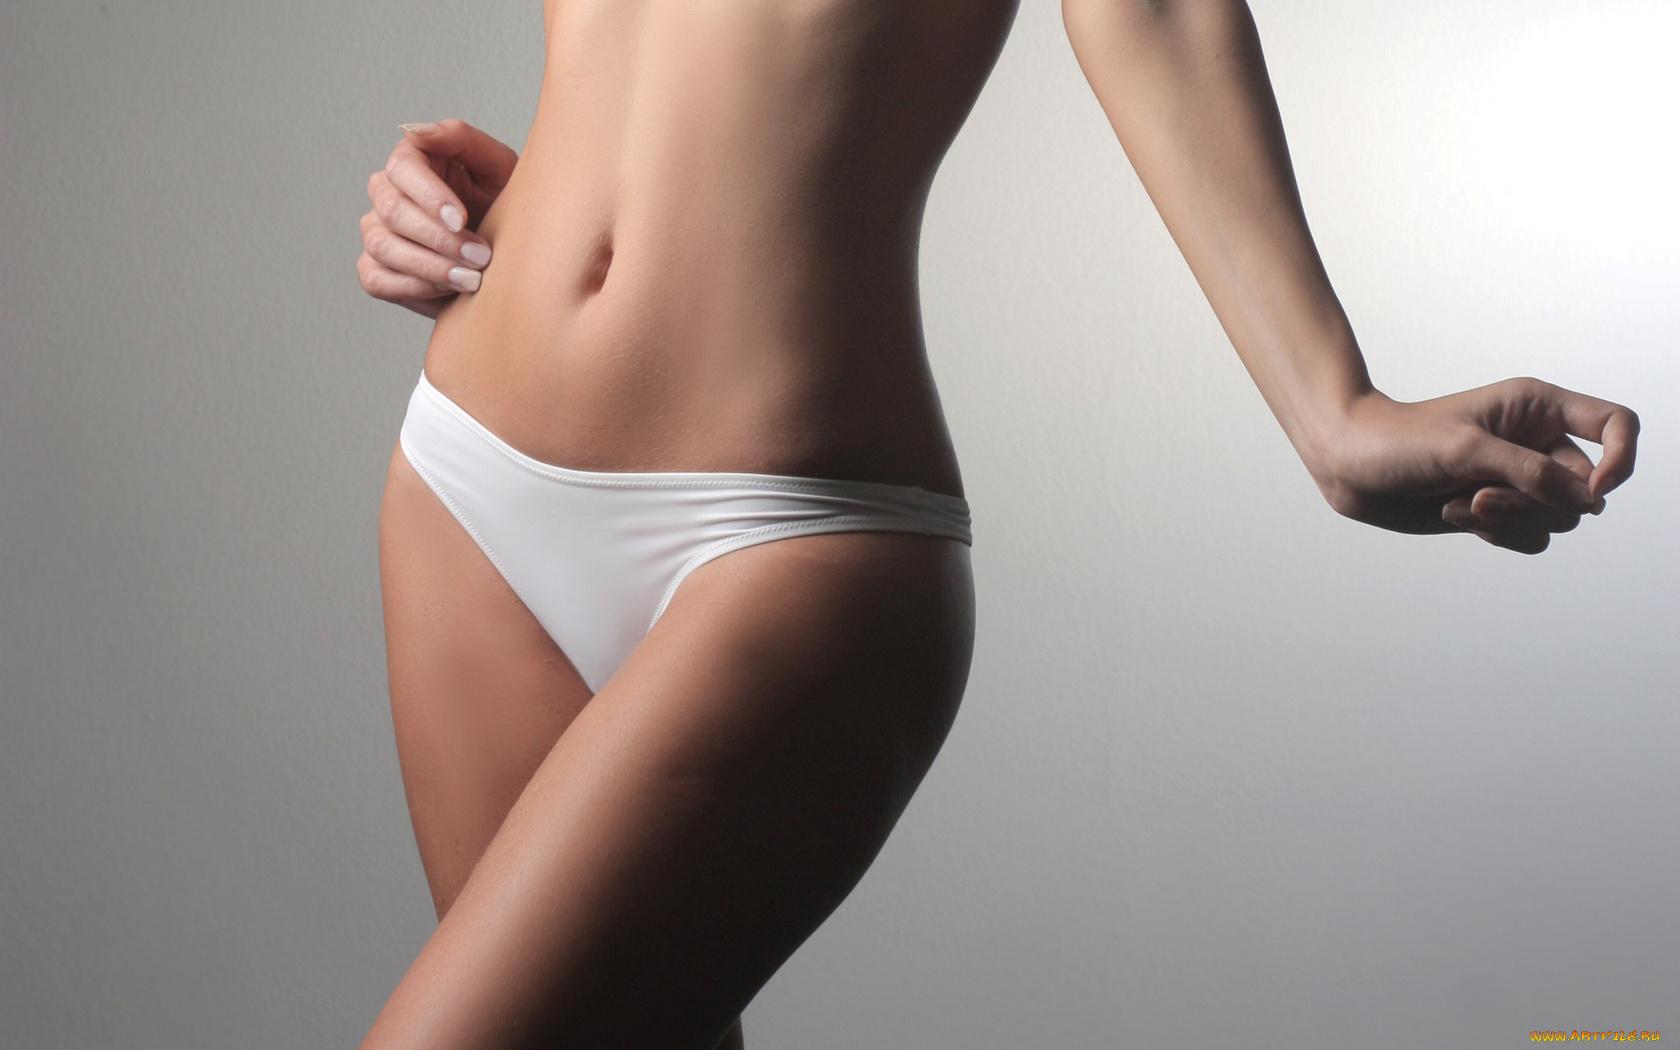 Фото женского тела органов, Женские половые органы строение и функции 16 фотография